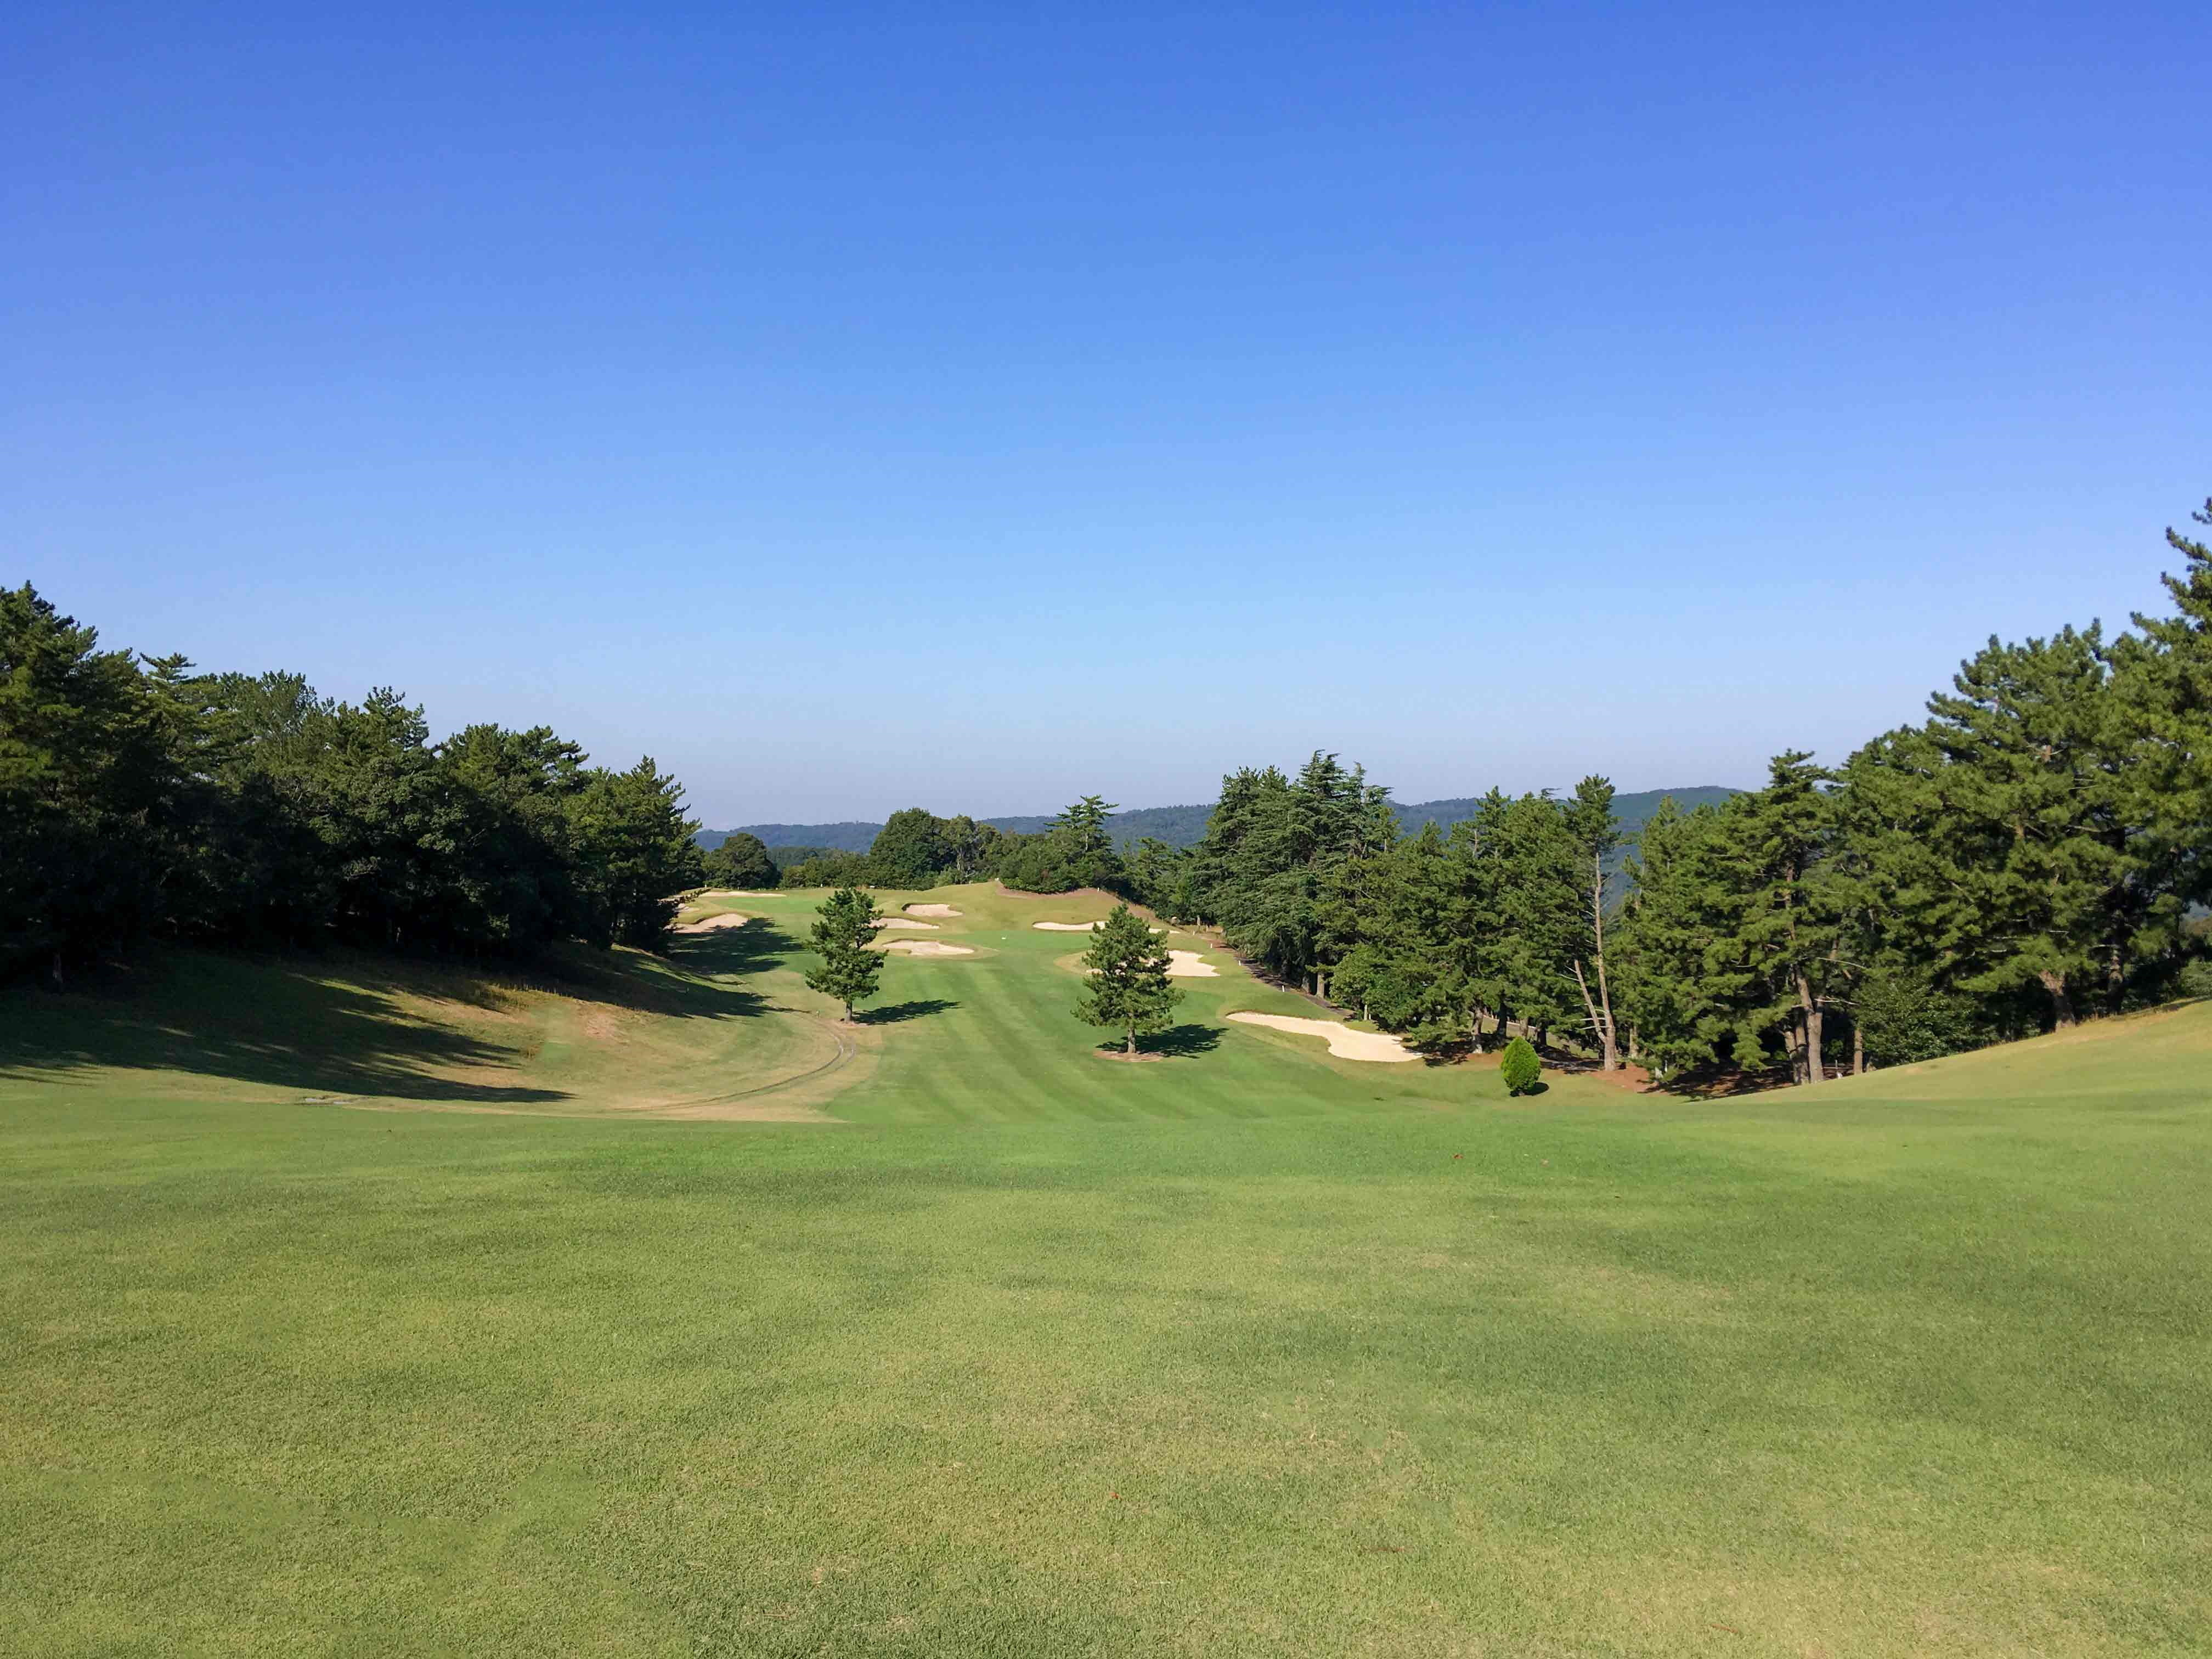 ゴルフ場買収再開の狼煙か「アコーディア・ゴルフ」が岡崎カントリーを傘下に